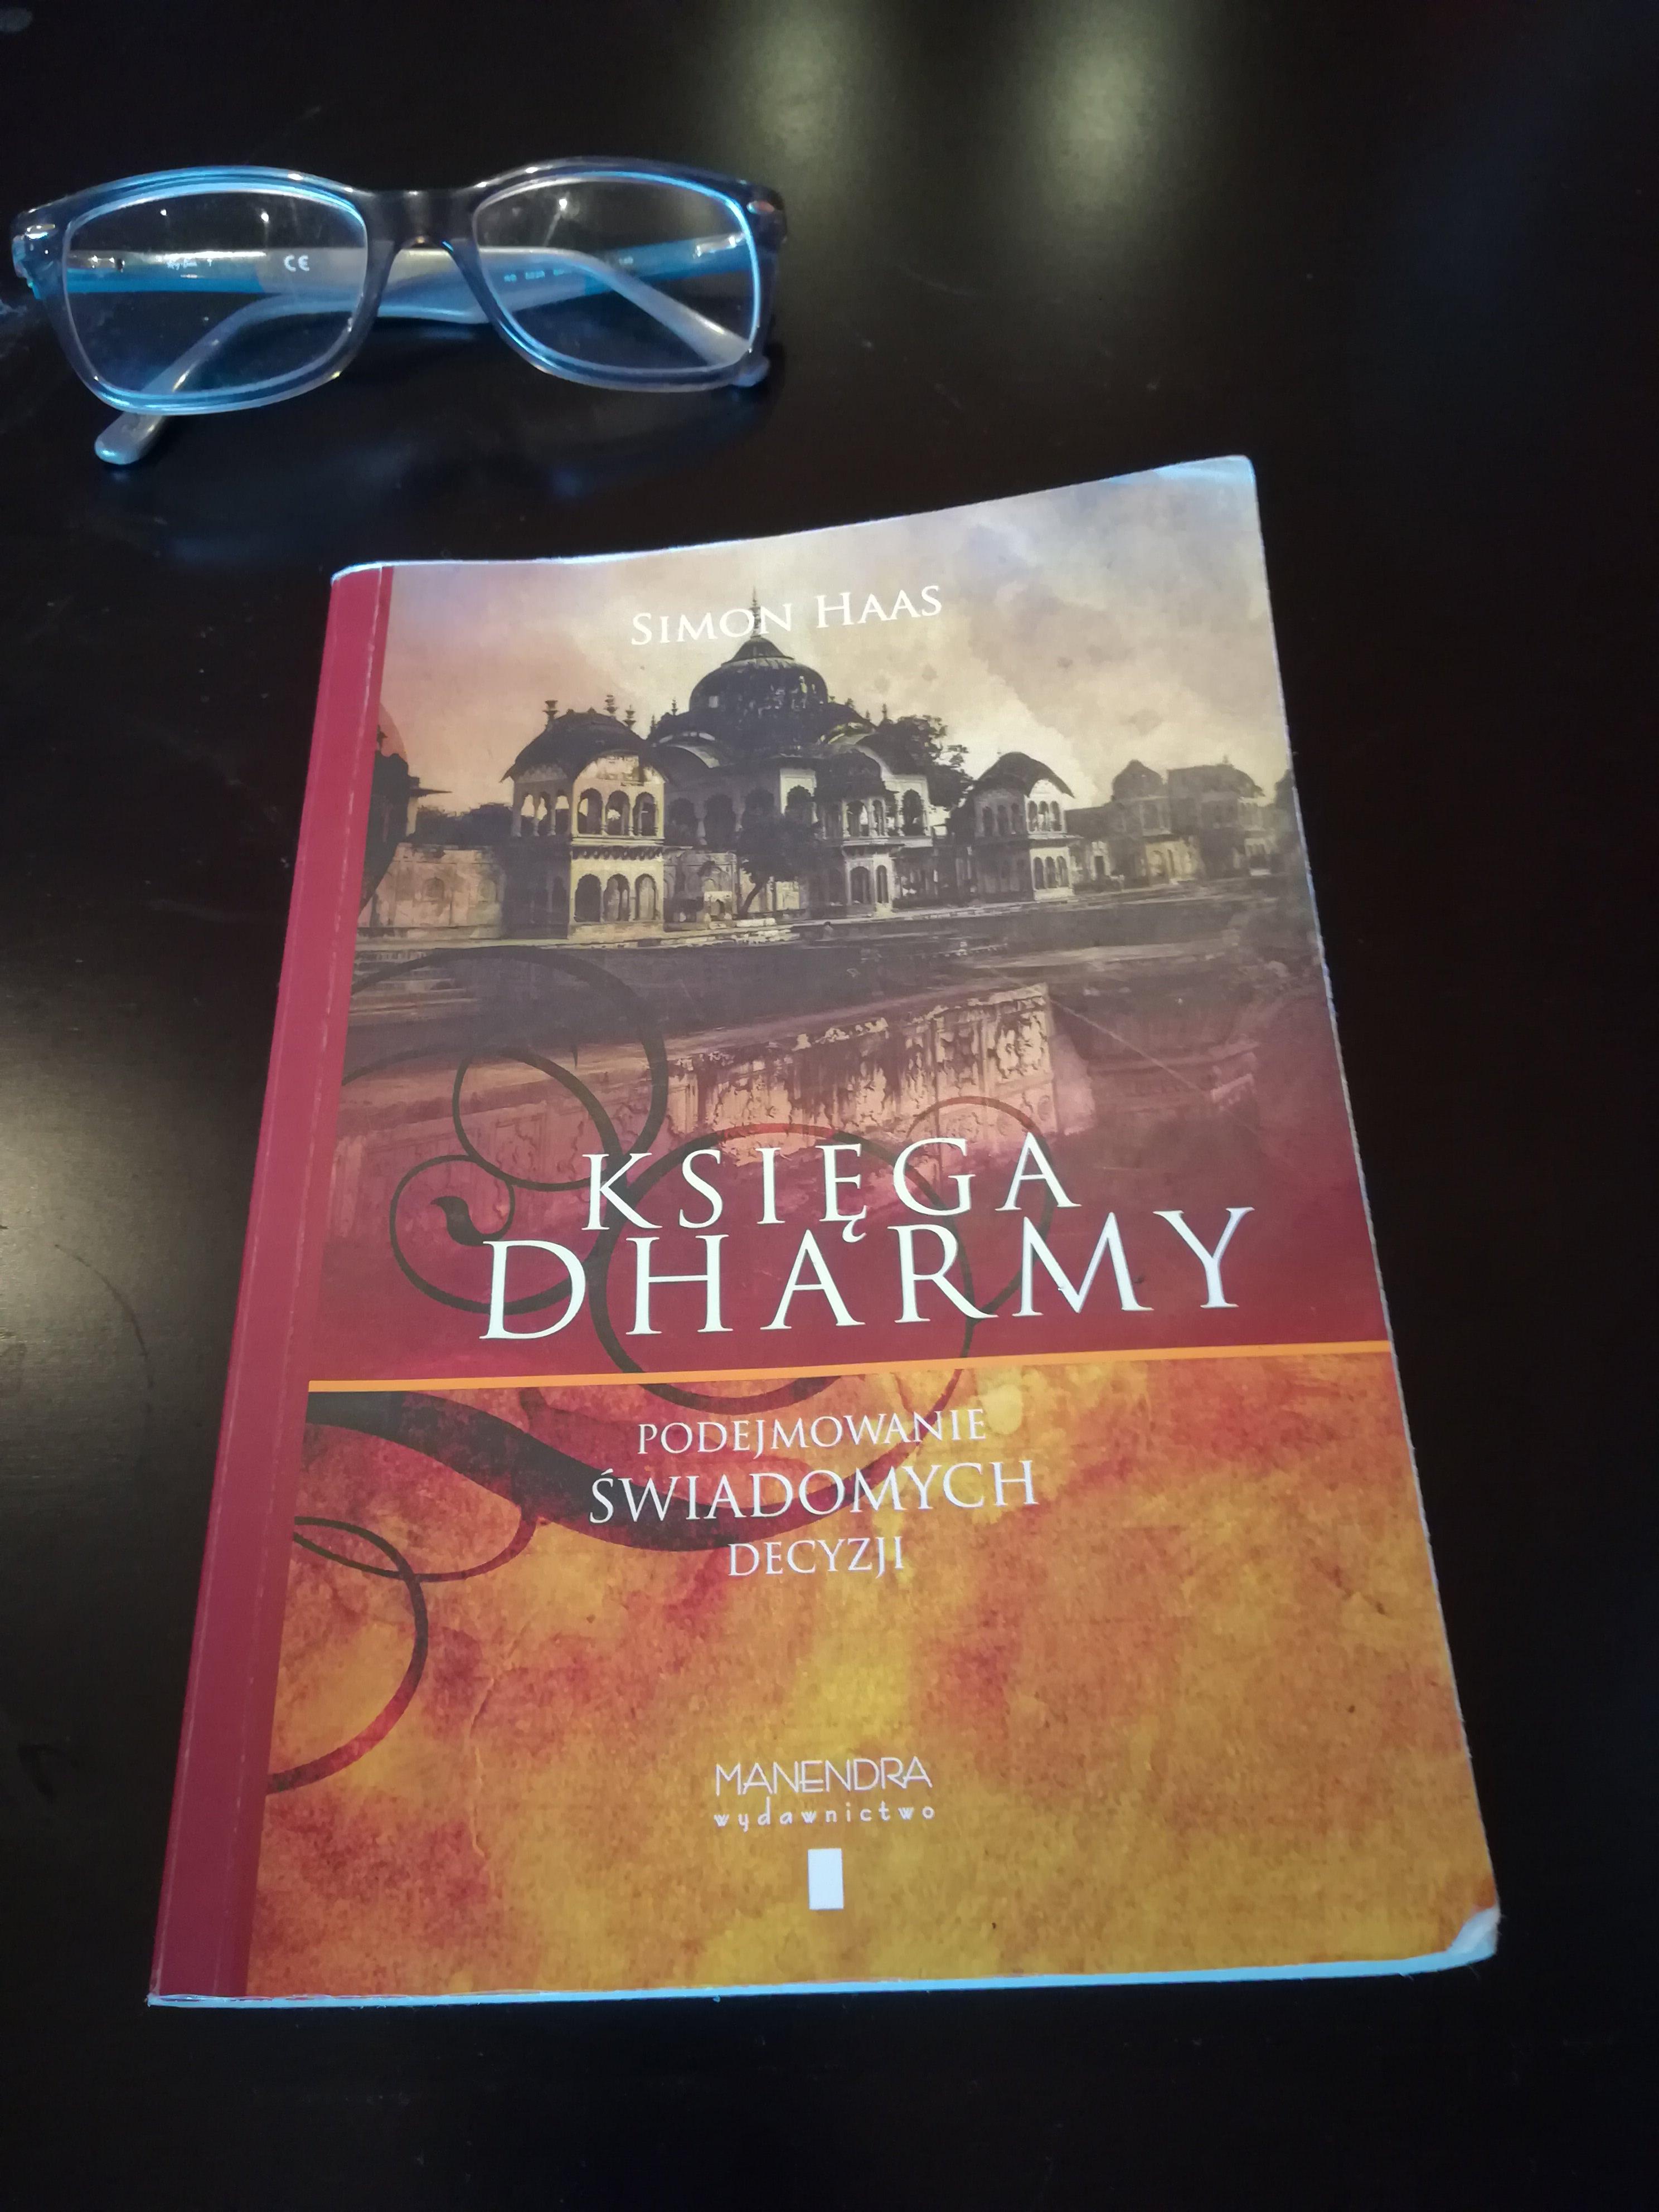 Recenzja książki Księga dharmy- podejmowaniu świadomych decyzji